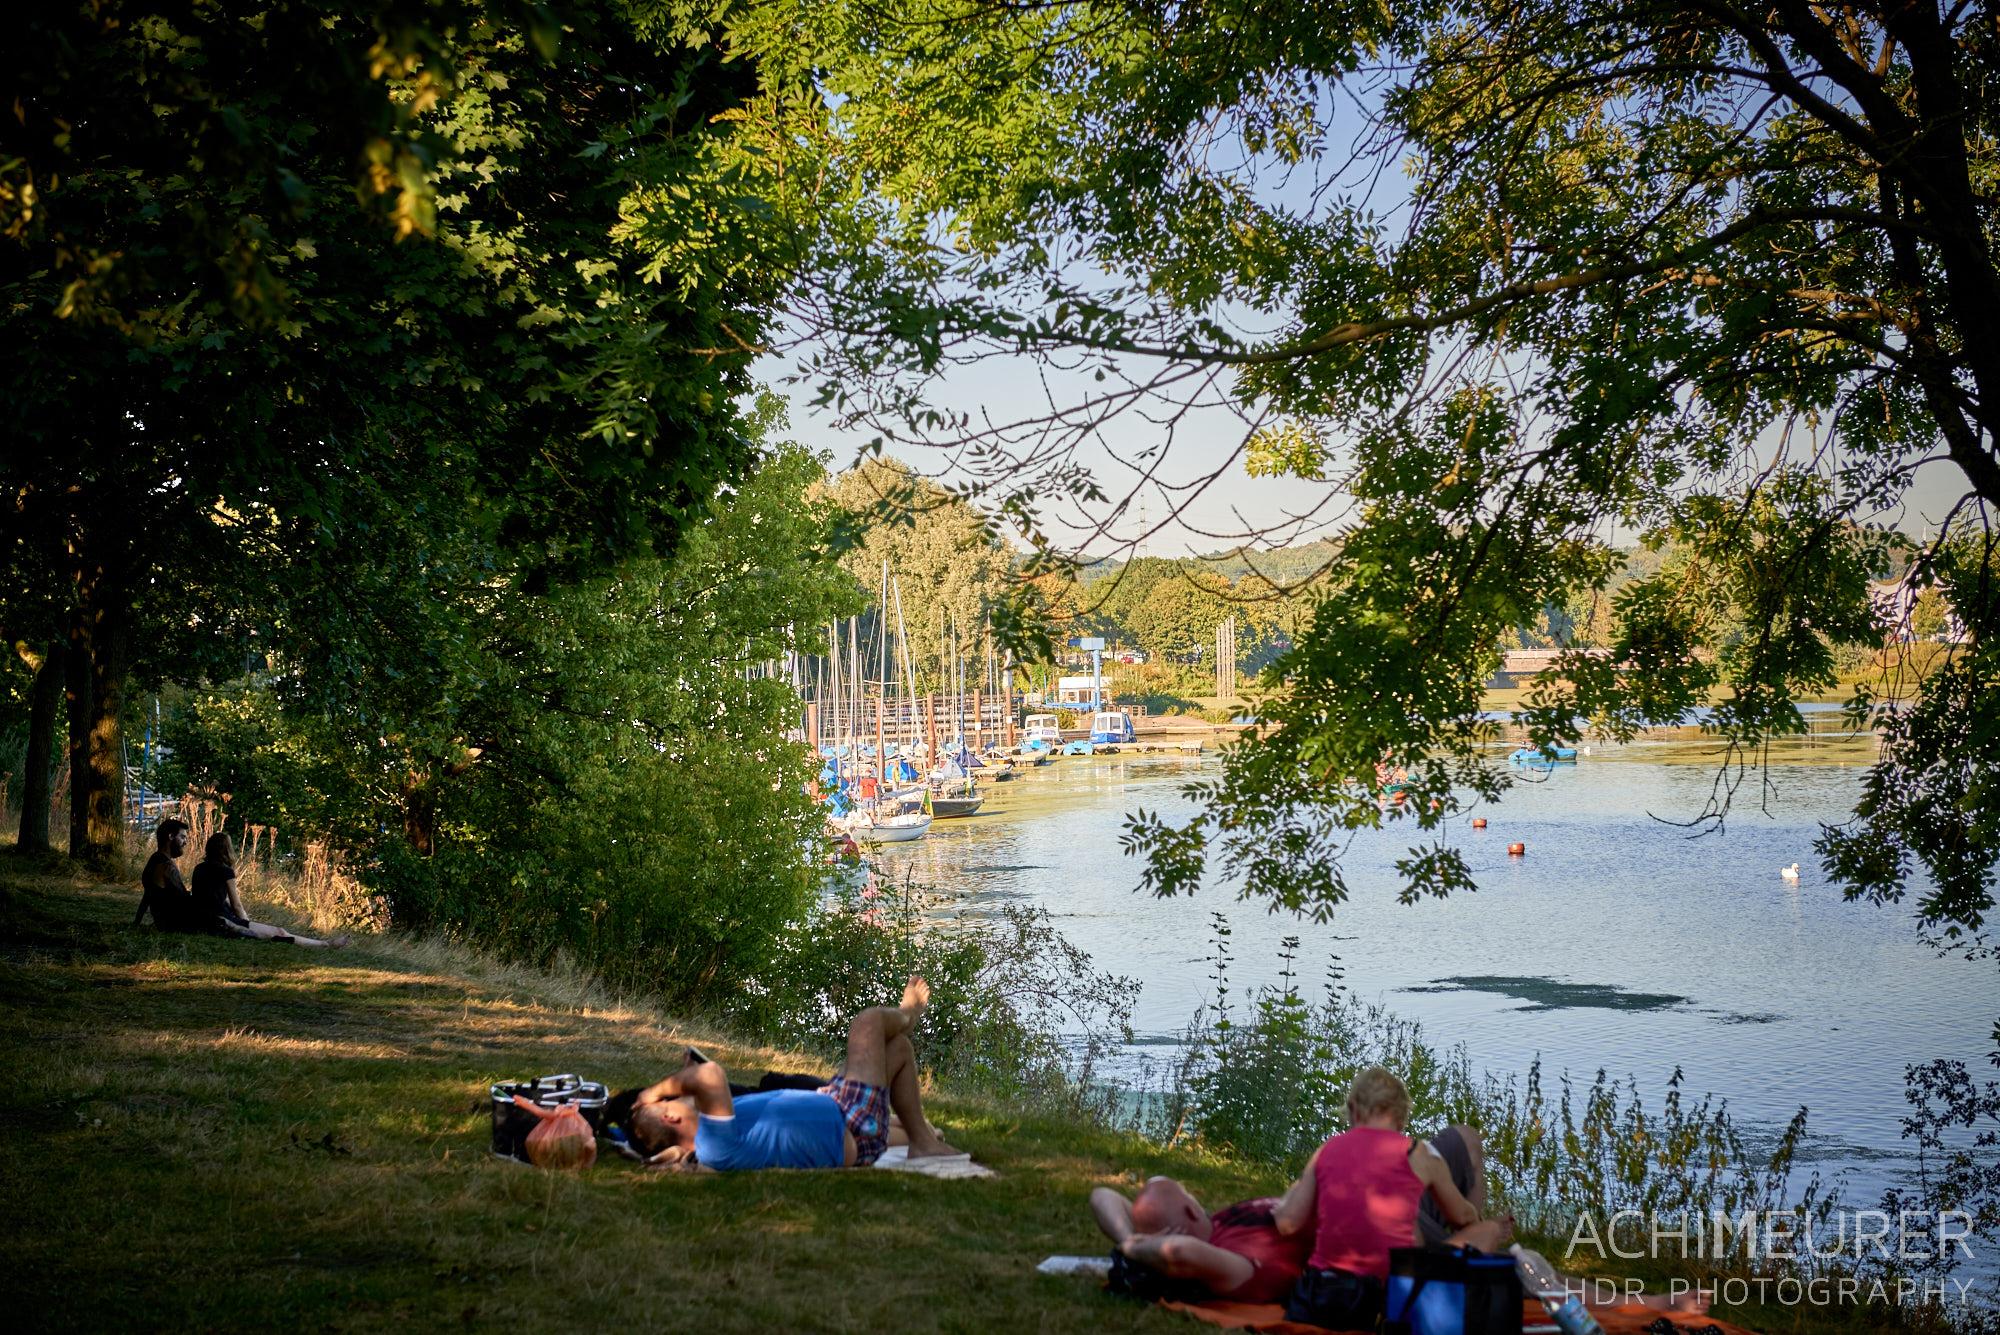 Freizeit & Erholung am Kemnader See in Bochum, Ruhrgebiet